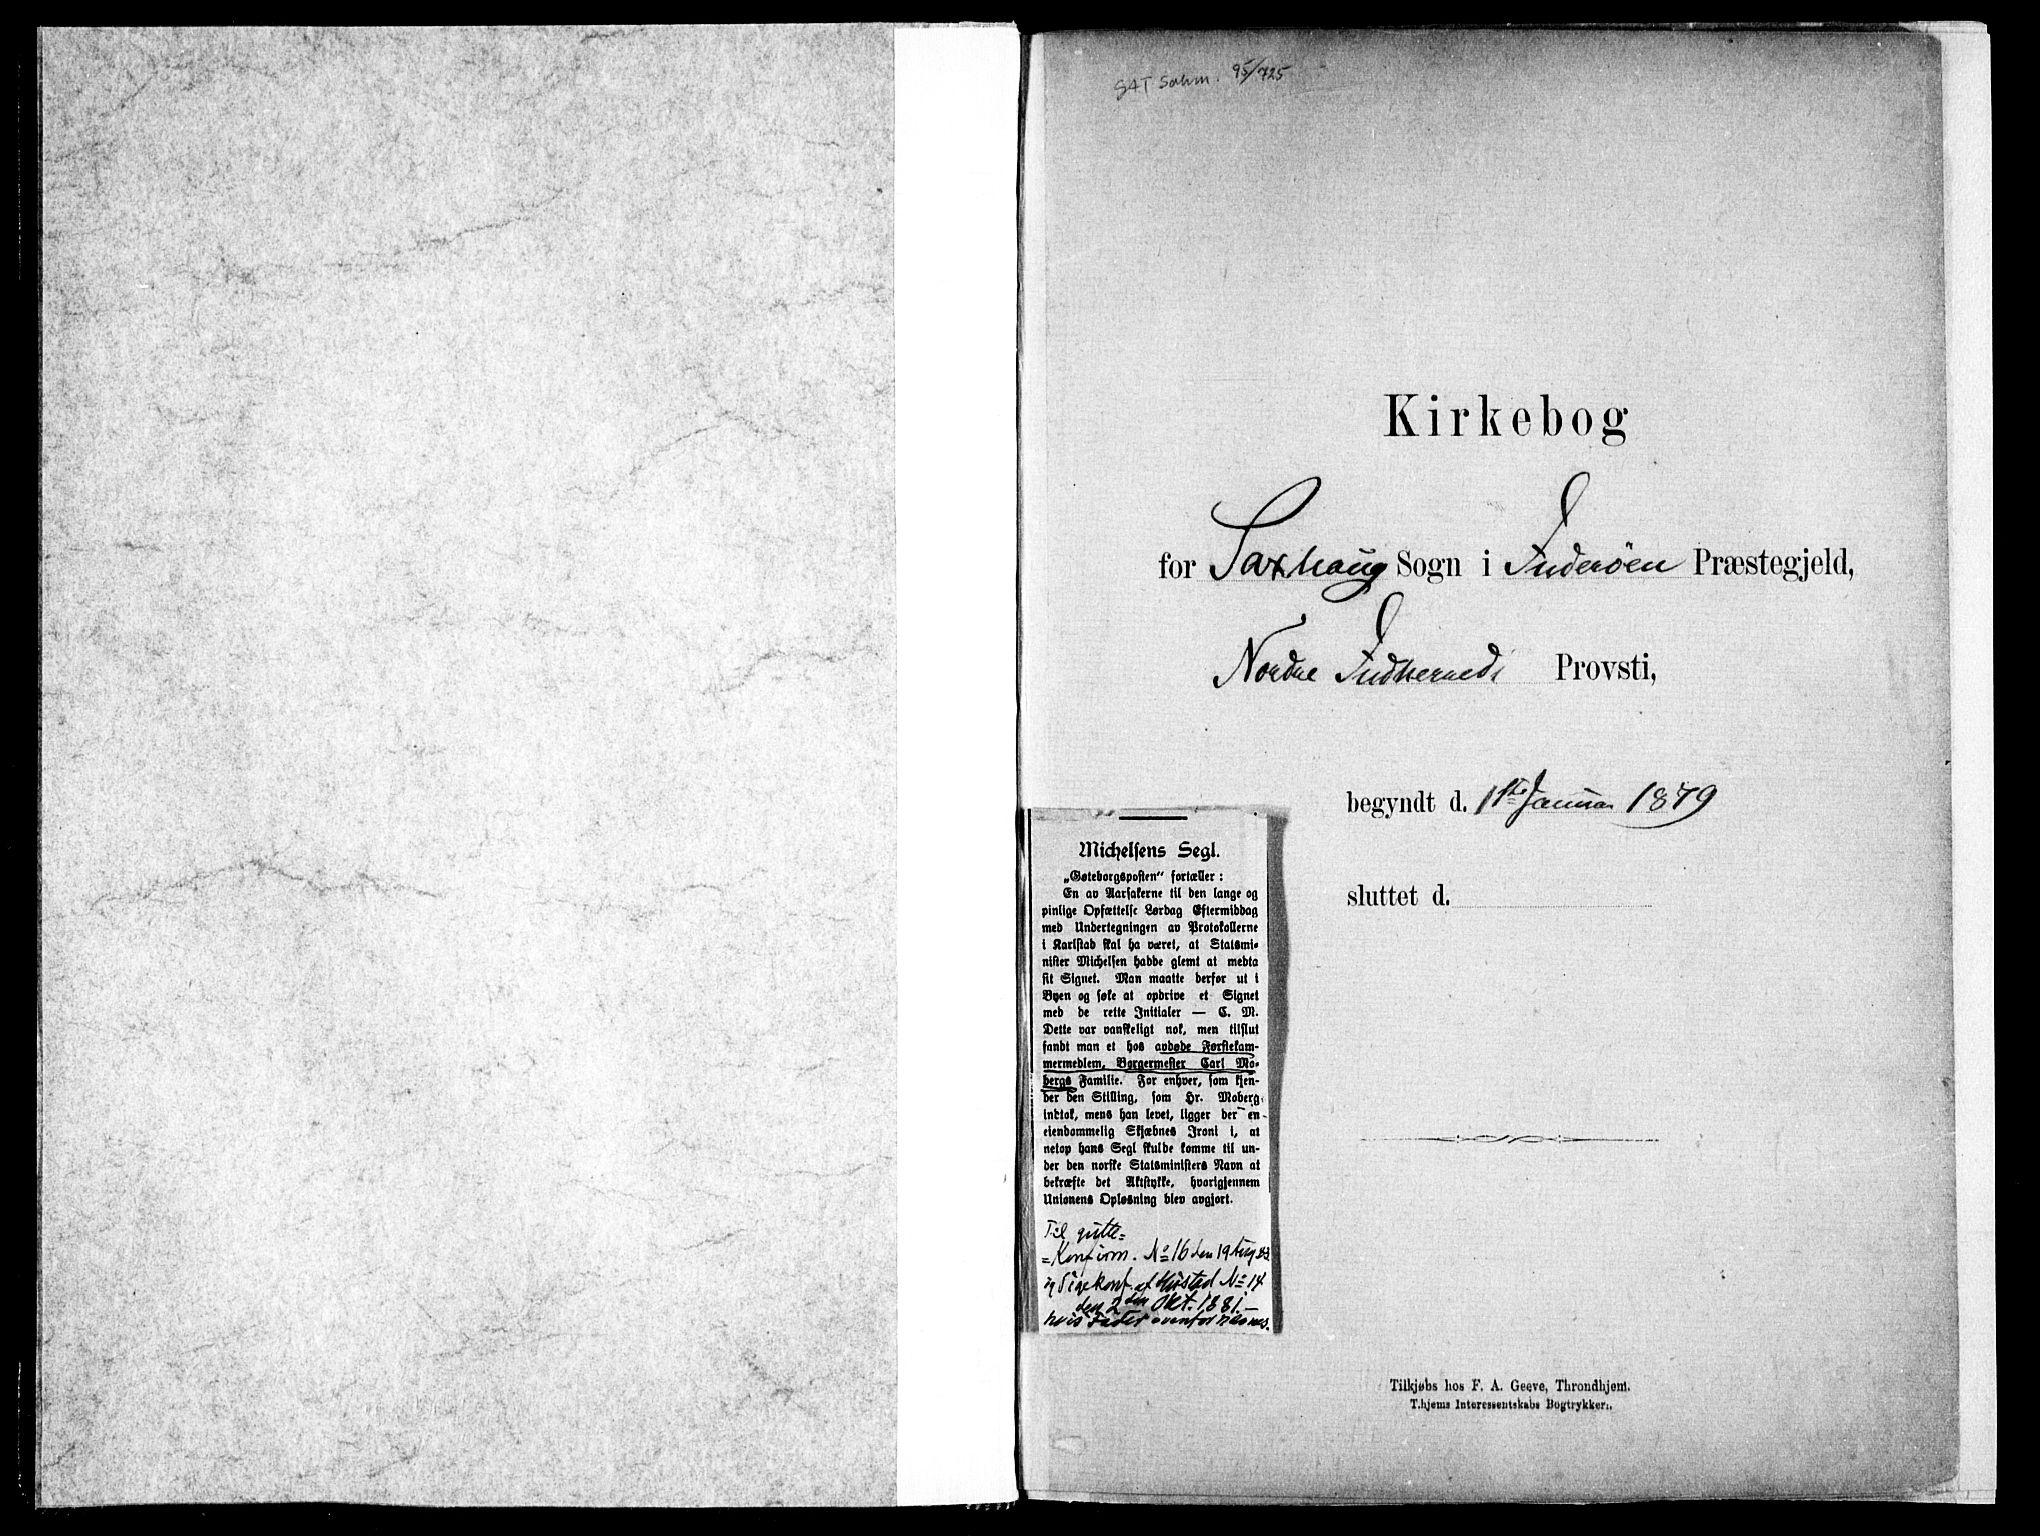 SAT, Ministerialprotokoller, klokkerbøker og fødselsregistre - Nord-Trøndelag, 730/L0285: Ministerialbok nr. 730A10, 1879-1914